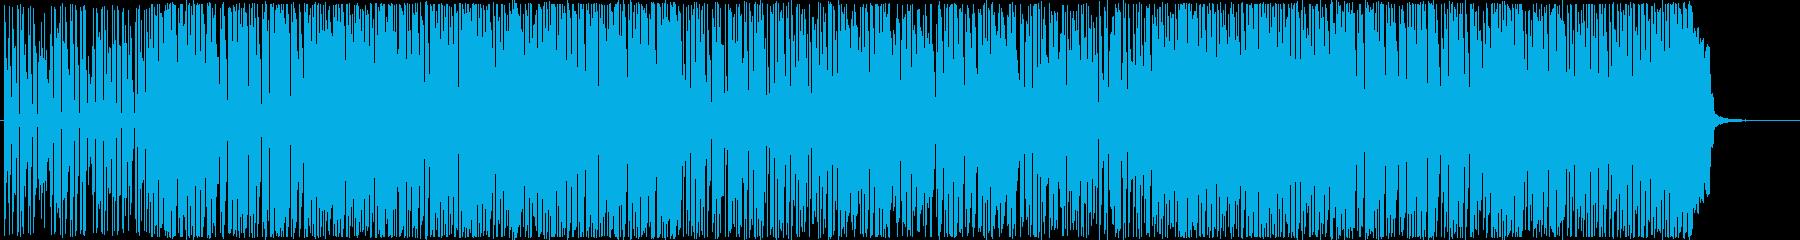 元気が湧いてくる♬お日様ブラスポップの再生済みの波形